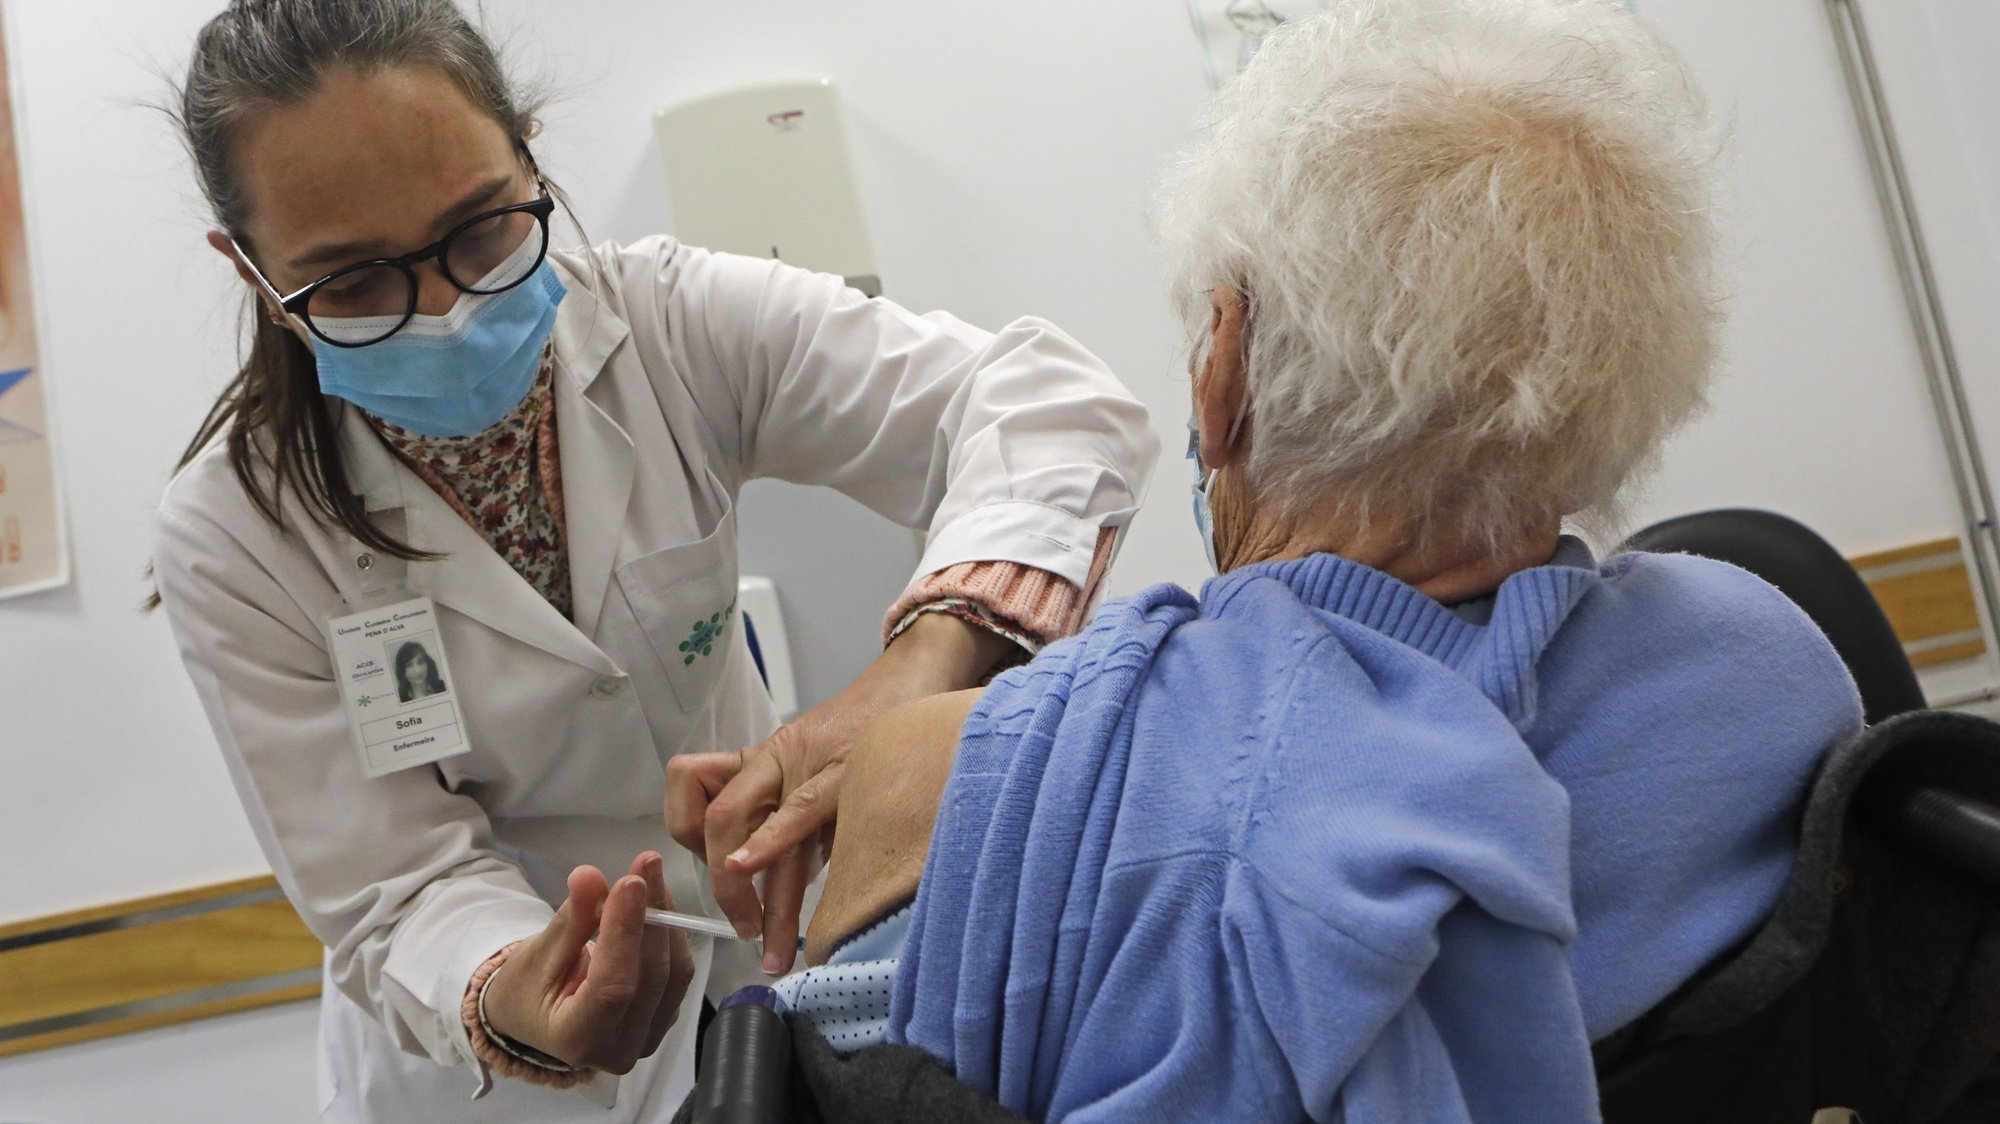 """Um idoso é vacinado contra a covid-19 por um profissional de saúde no Centro de Saúde de Penalva do Castelo, 12 de março de 2021. Idosos residentes em Penalva do Castelo, distrito de Viseu, e Fornos de Algodres, distrito da Guarda, encaram a vacinação como forma de combater a """"guerra"""" que o mundo trava contra a covid-19. (ACOMPANHA TEXTO DA LUSA DO DIA 27 DE MARÇO DE 2021). MIGUEL PEREIRA DA SILVA/LUSA"""